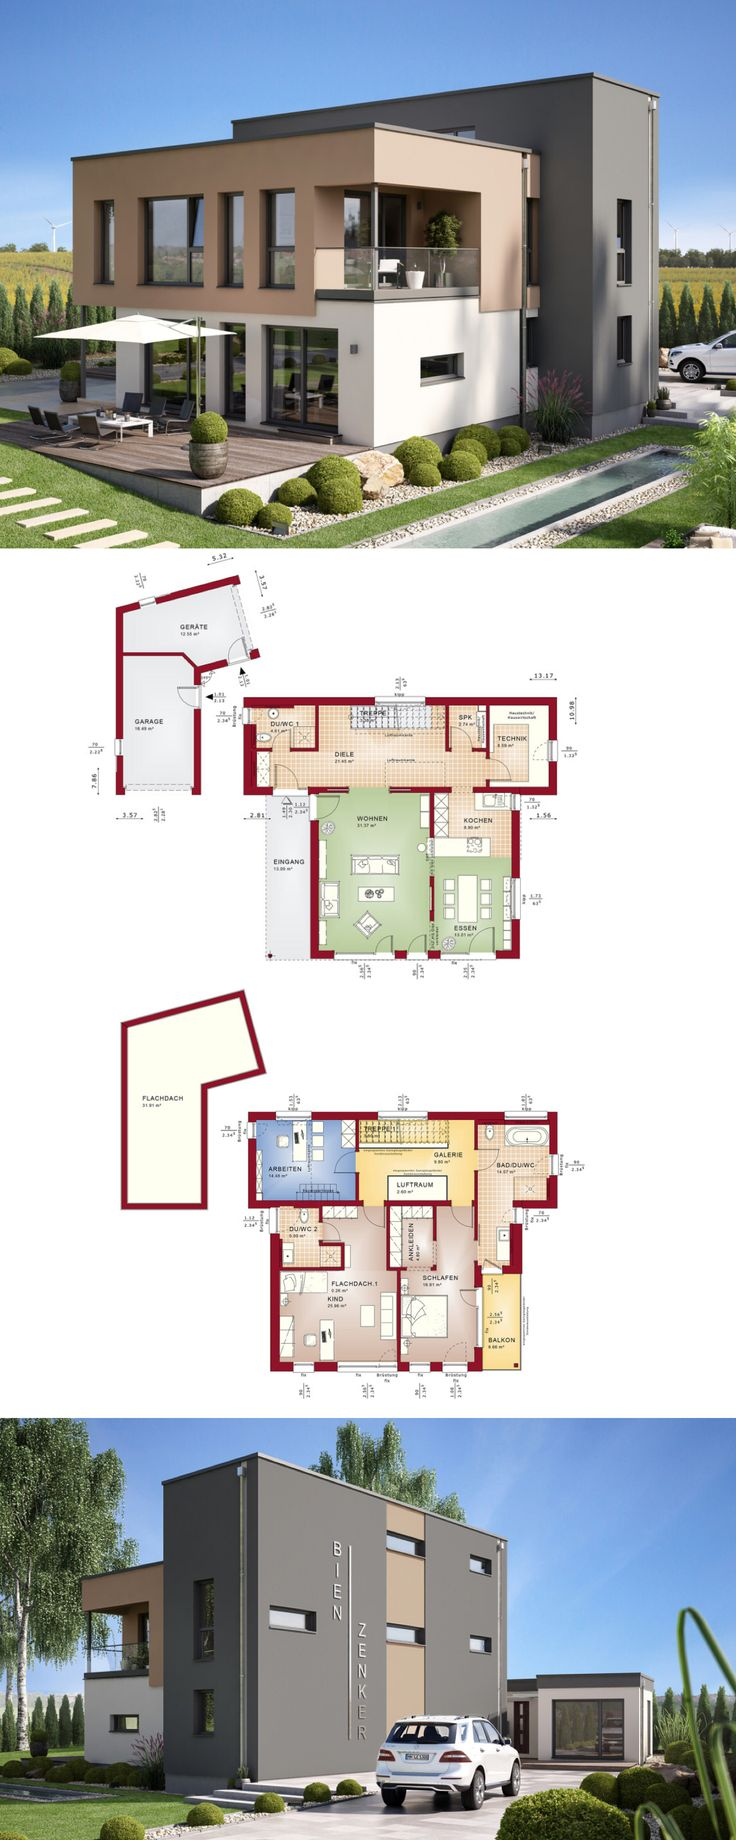 Stadtvilla grundriss 200 qm garage  Die besten 25+ Haus mit garage Ideen auf Pinterest | Garage mit ...